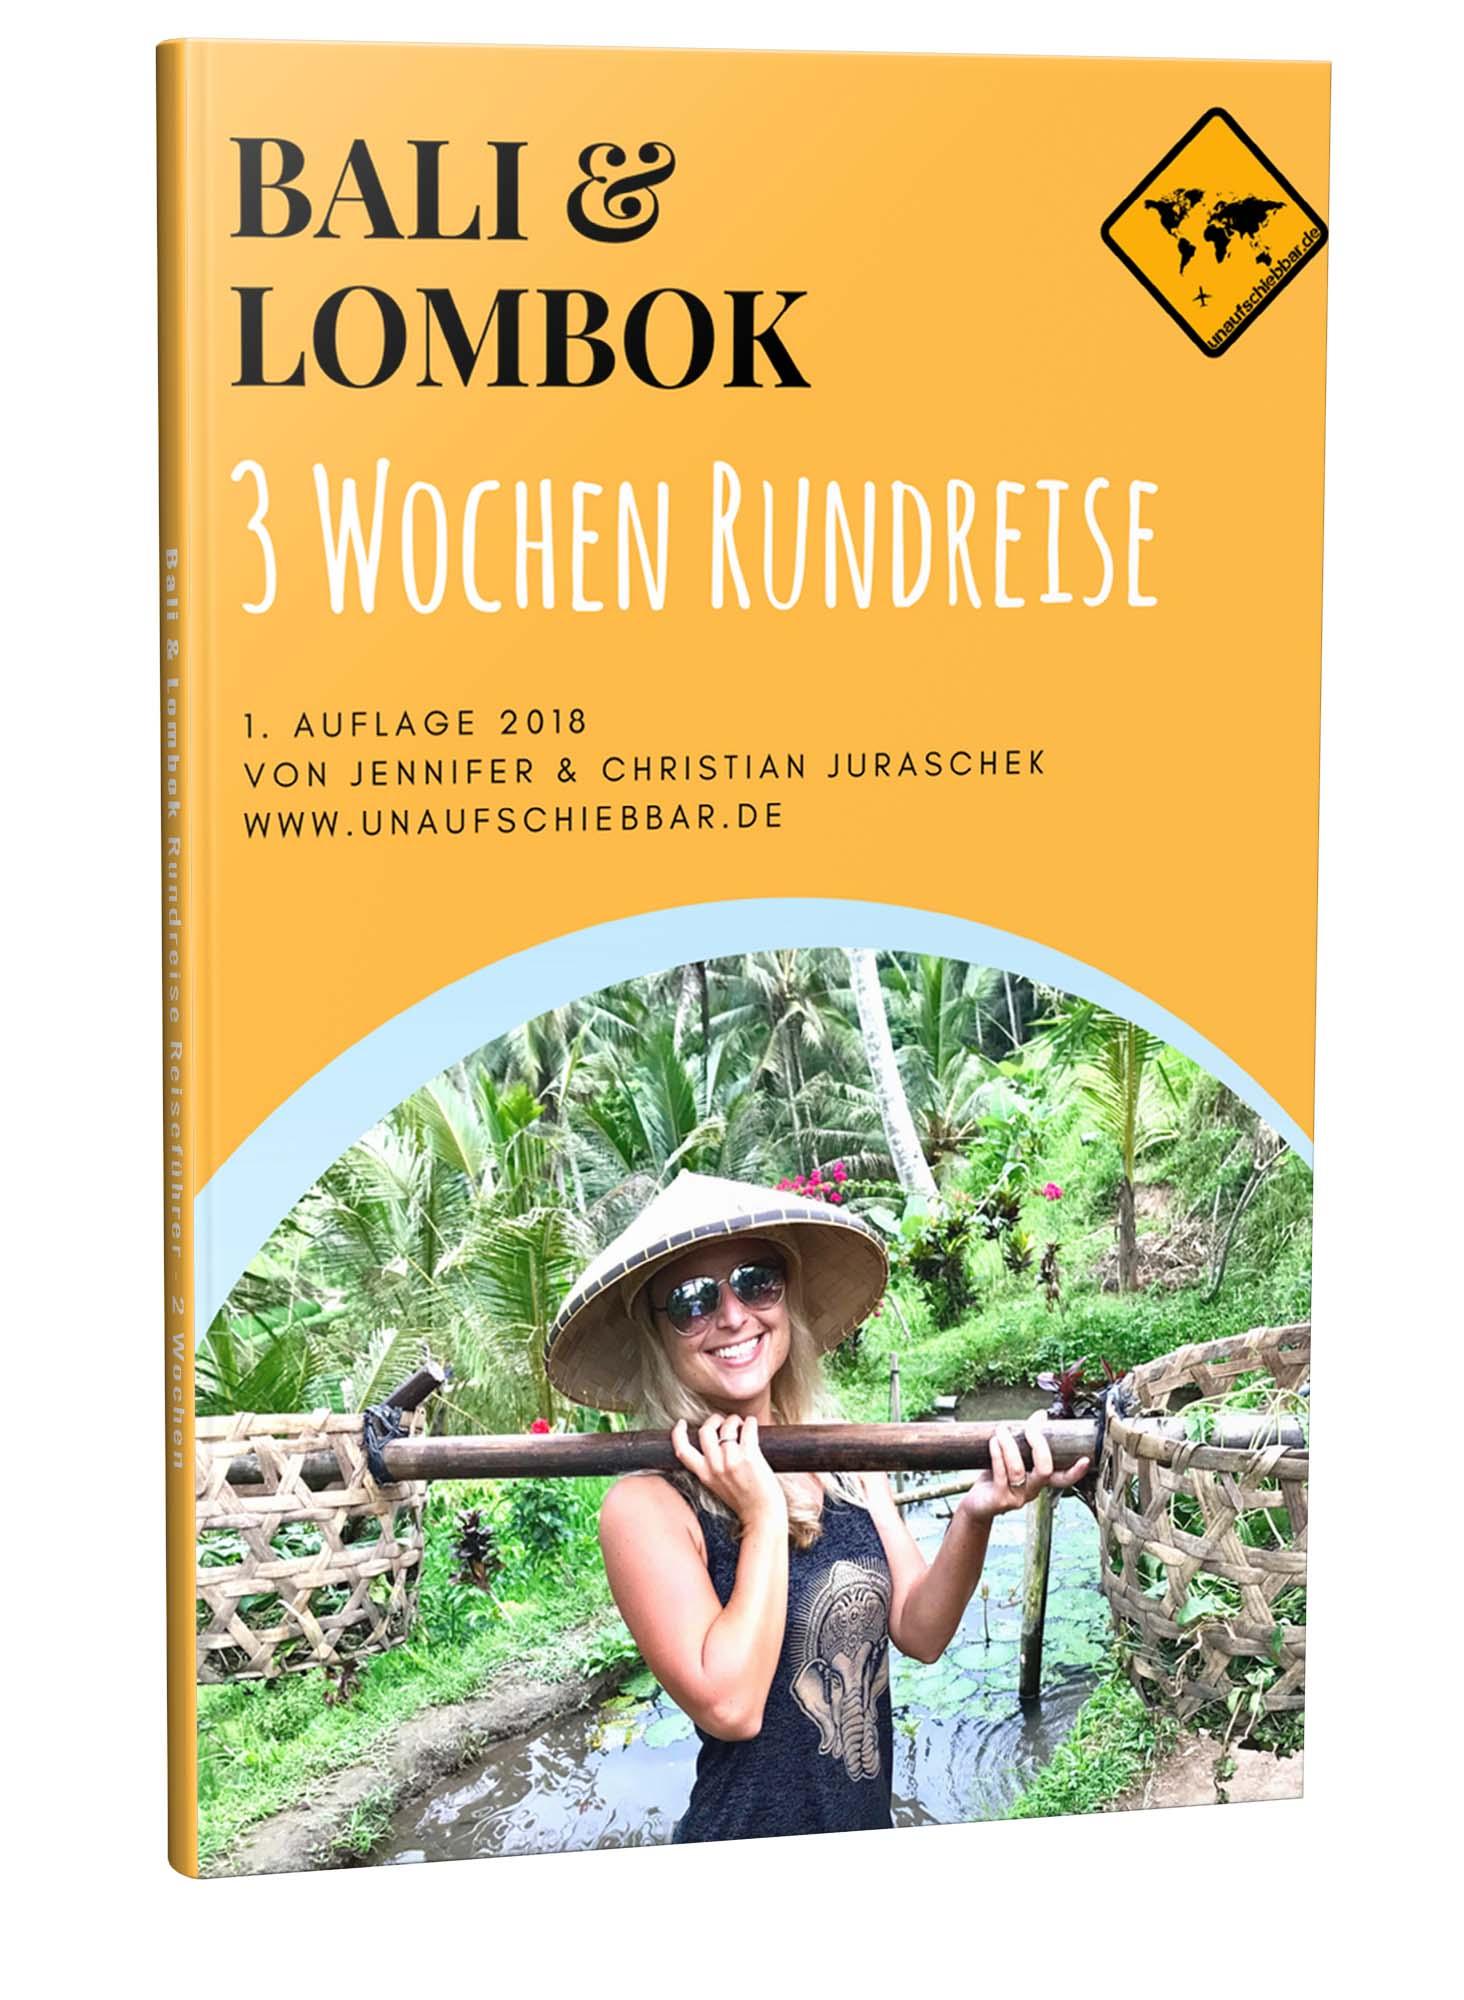 Bali Lombok Rundreise Reiseführer 3 Wochen